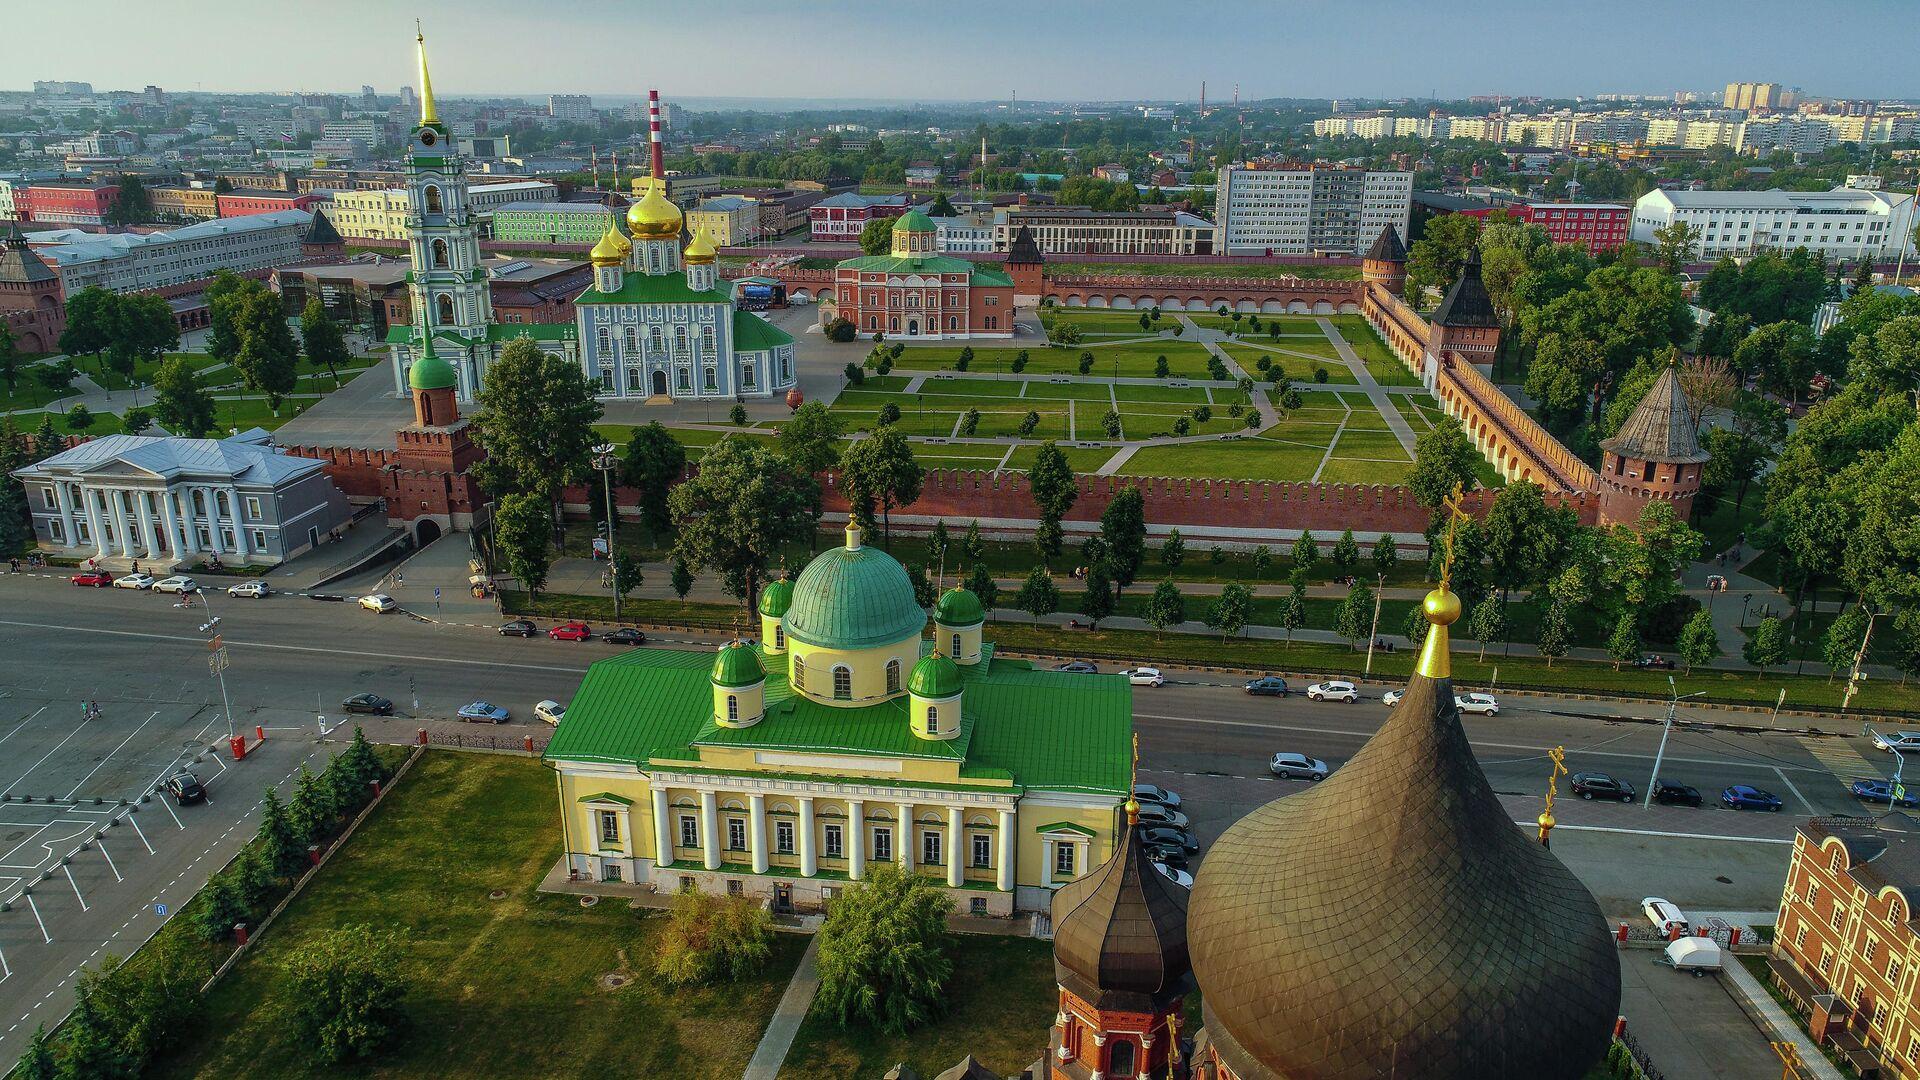 Тульский кремль - РИА Новости, 1920, 13.09.2021